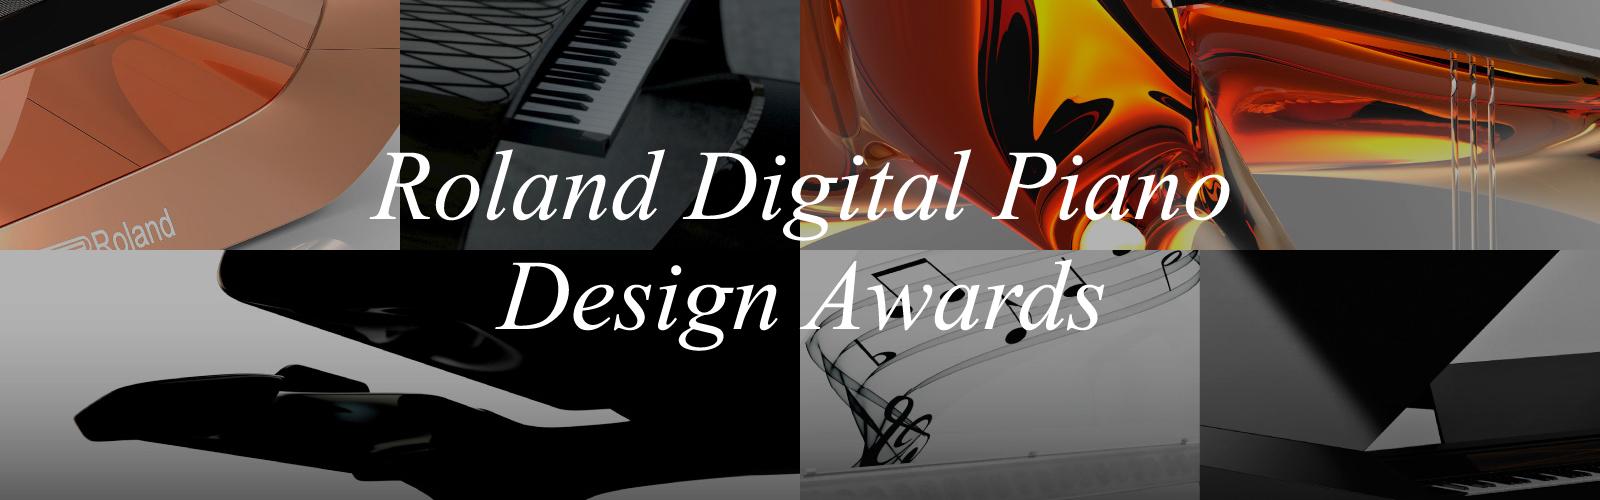 Digital Piano Design Awards